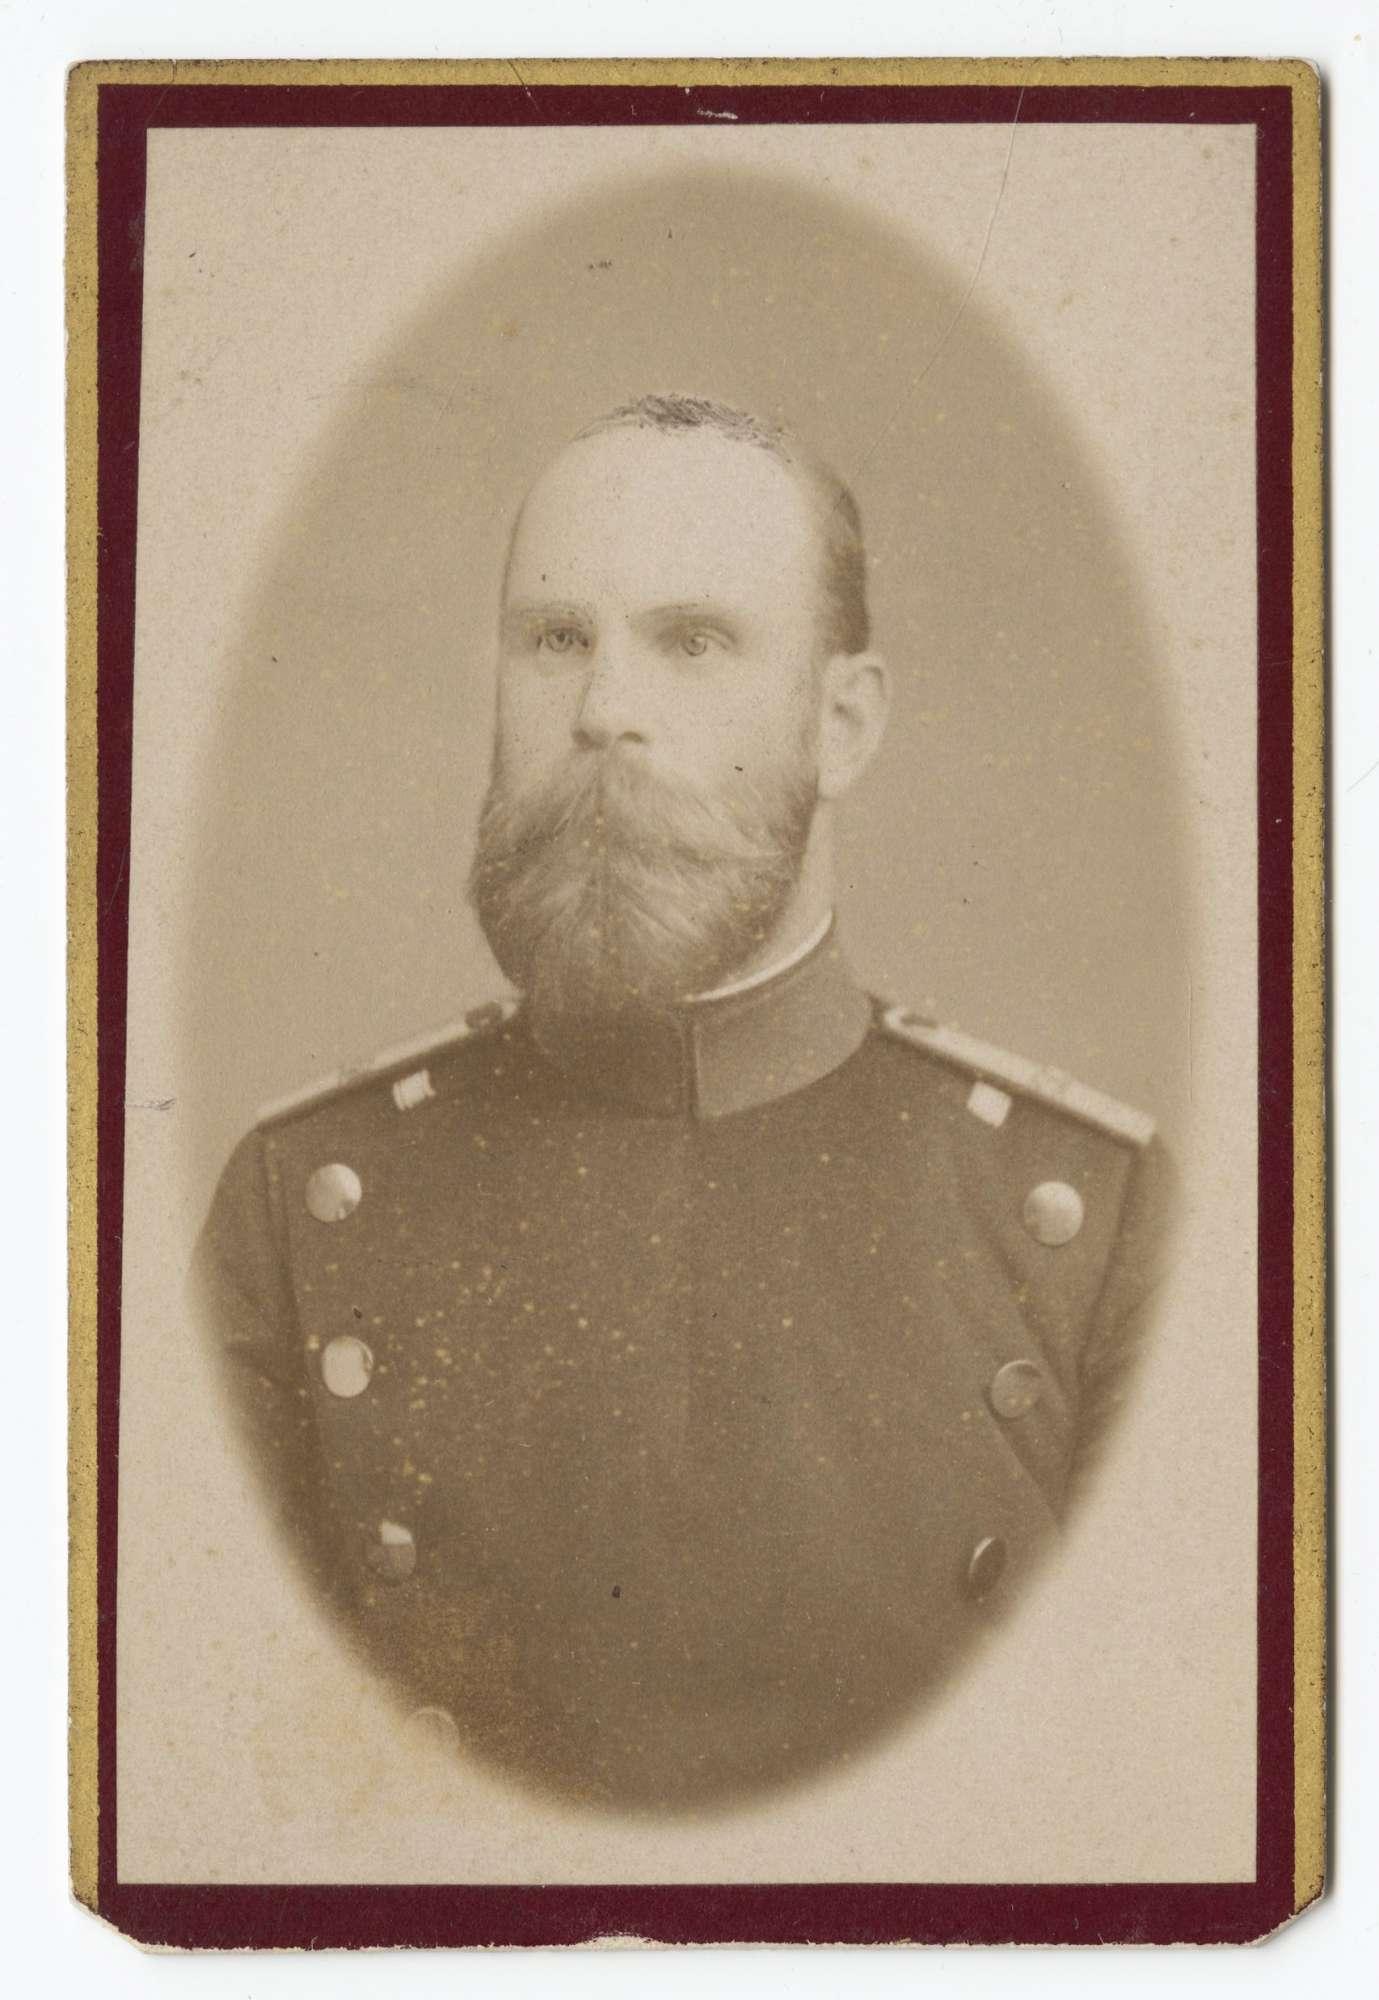 Schwarzmannseder, Georg, Bild 1